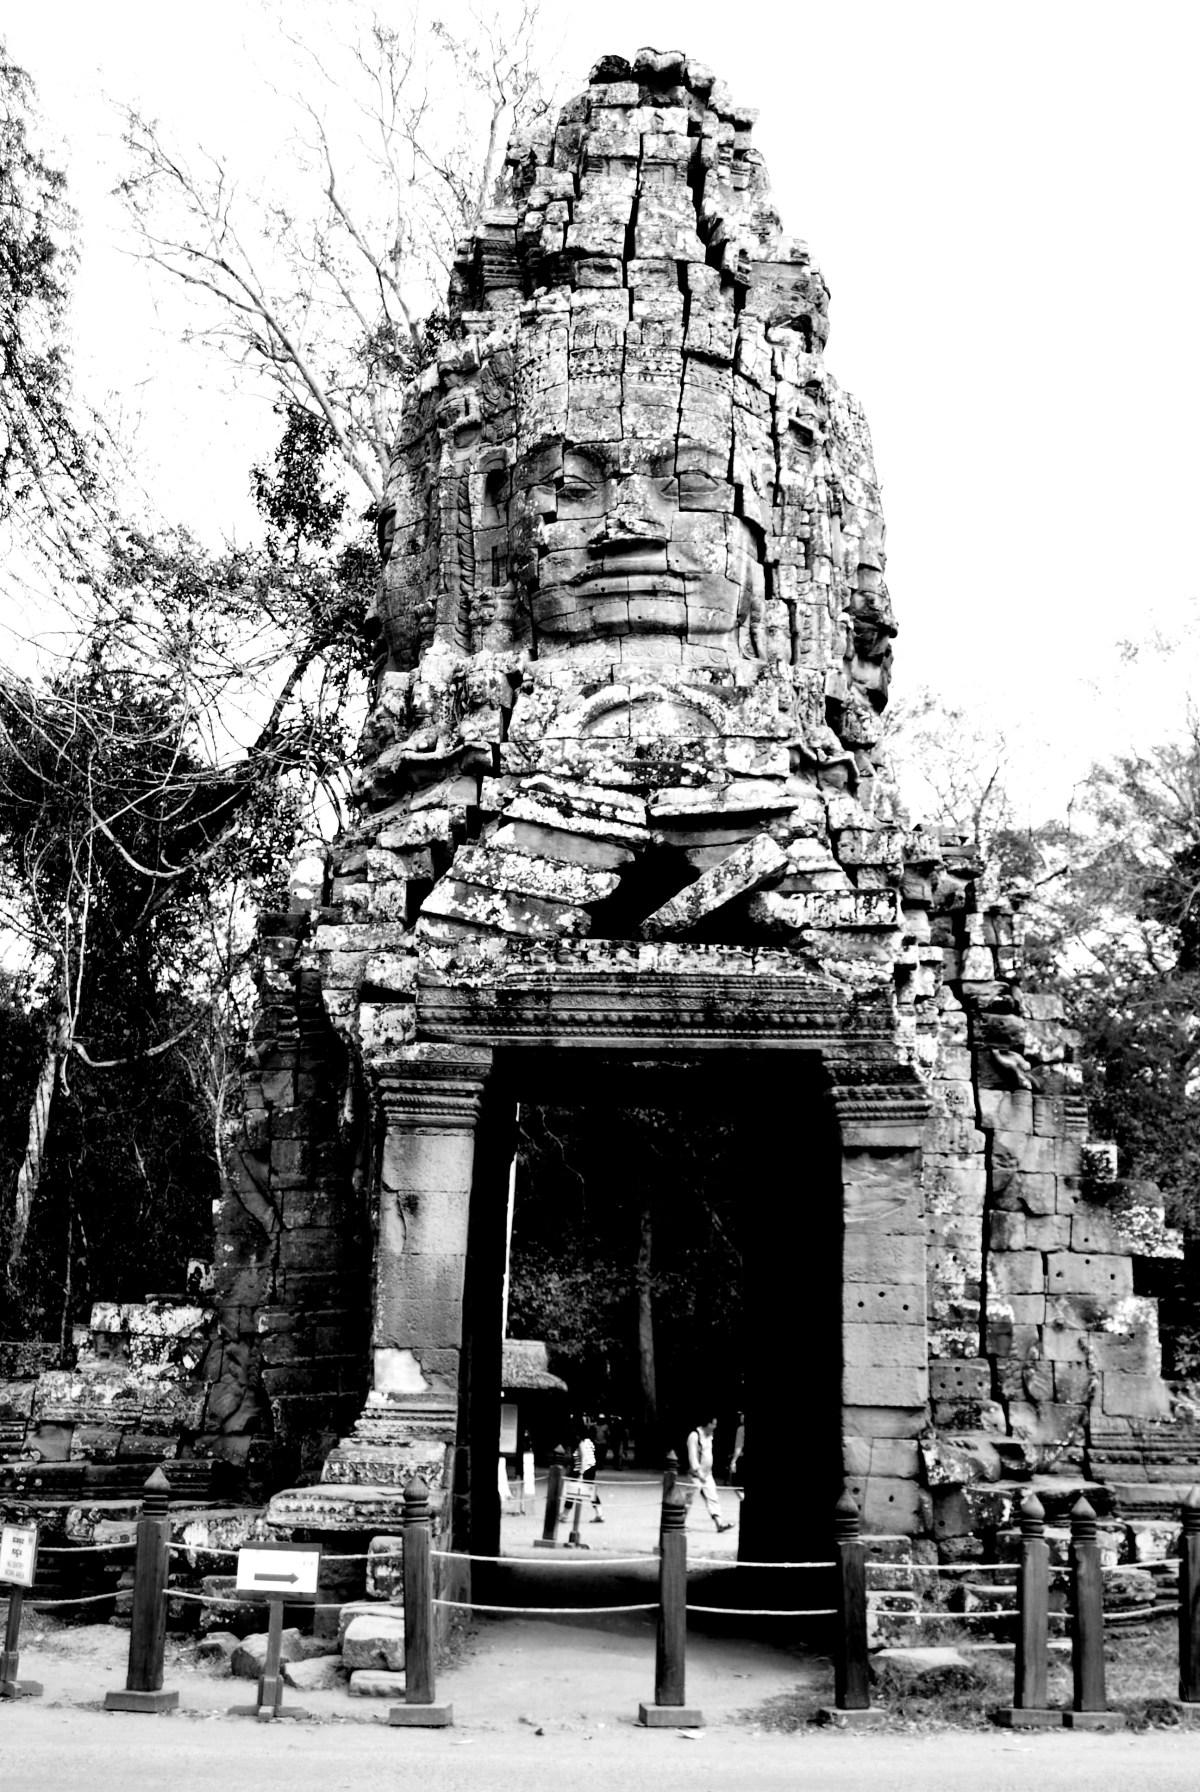 The Grandiose Entrances to AngkorThom